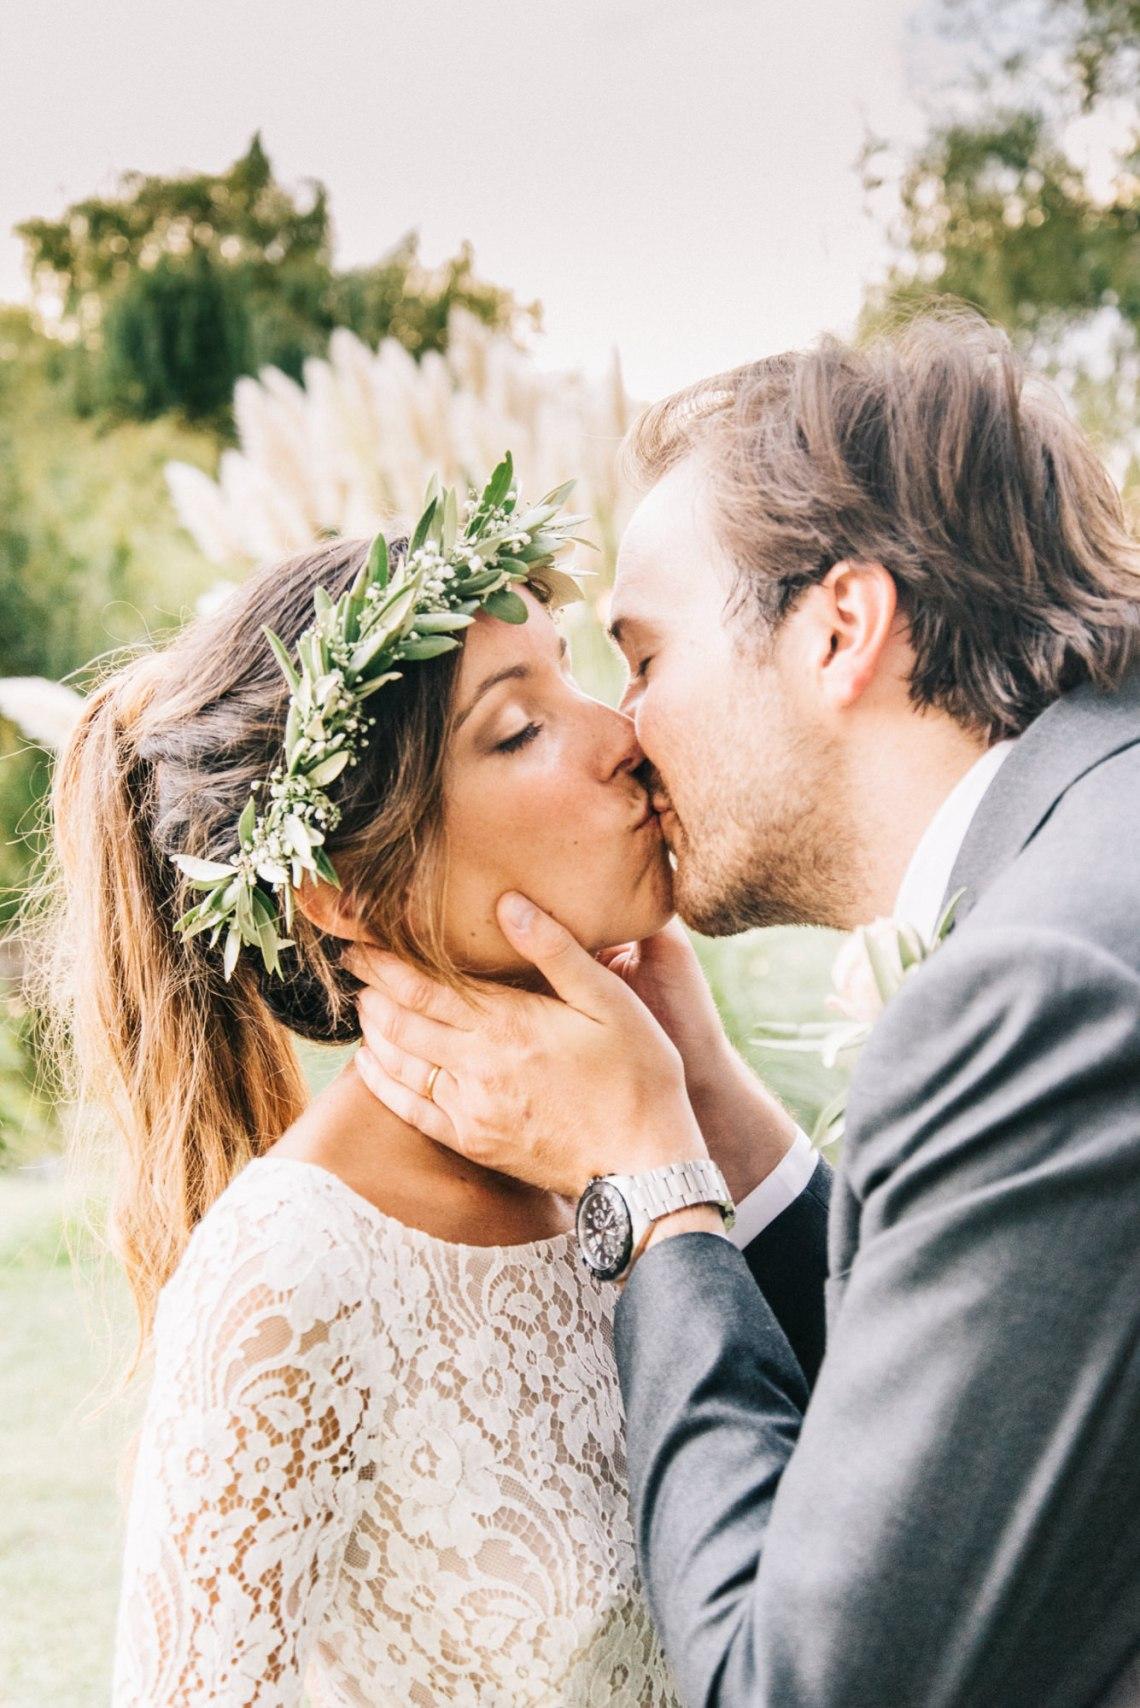 photographe-mariage-angers-nantes-vendee-45